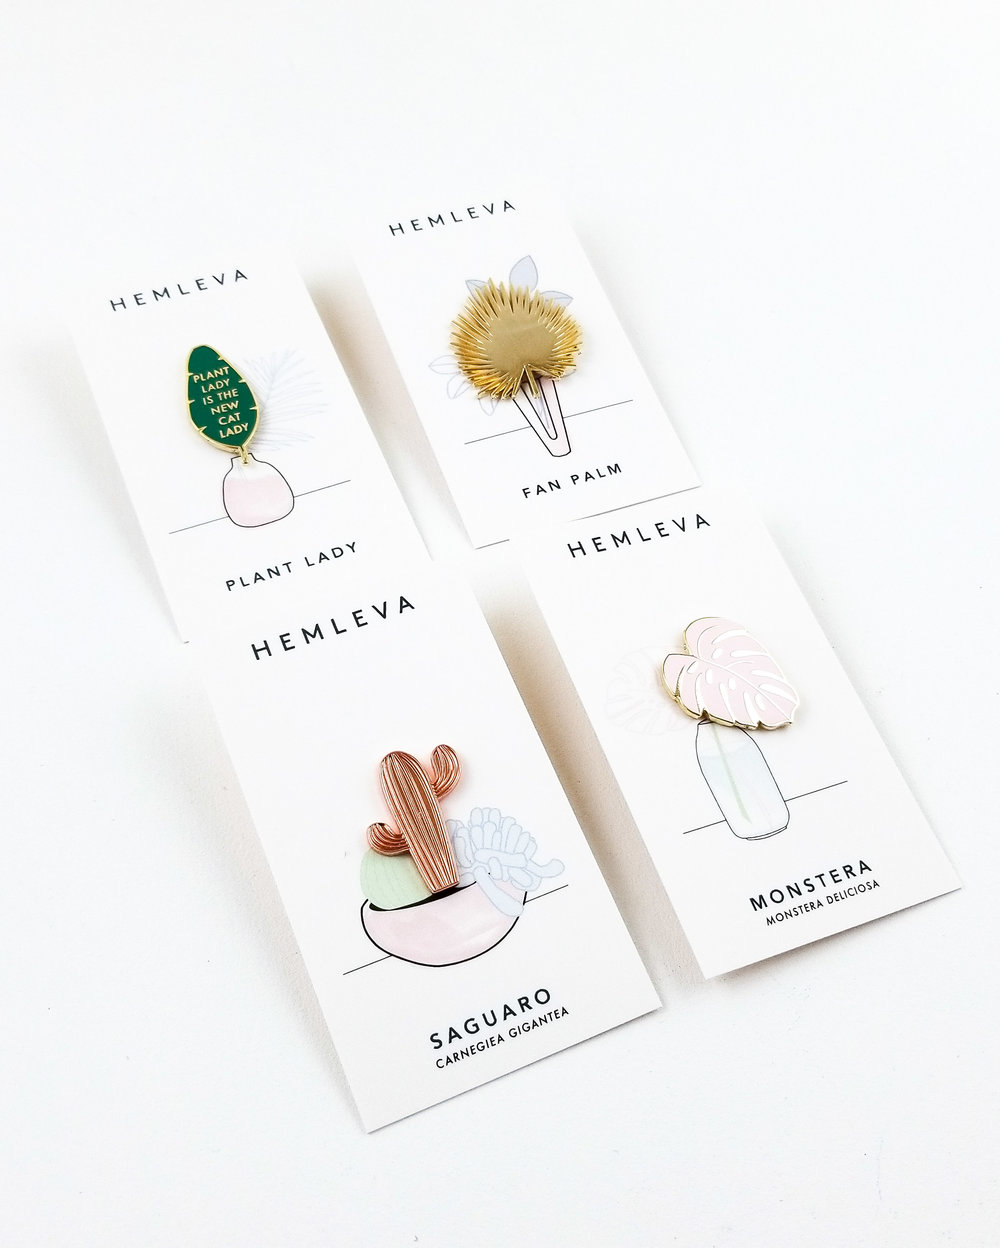 Pins by Hemleva | Hemleva.com